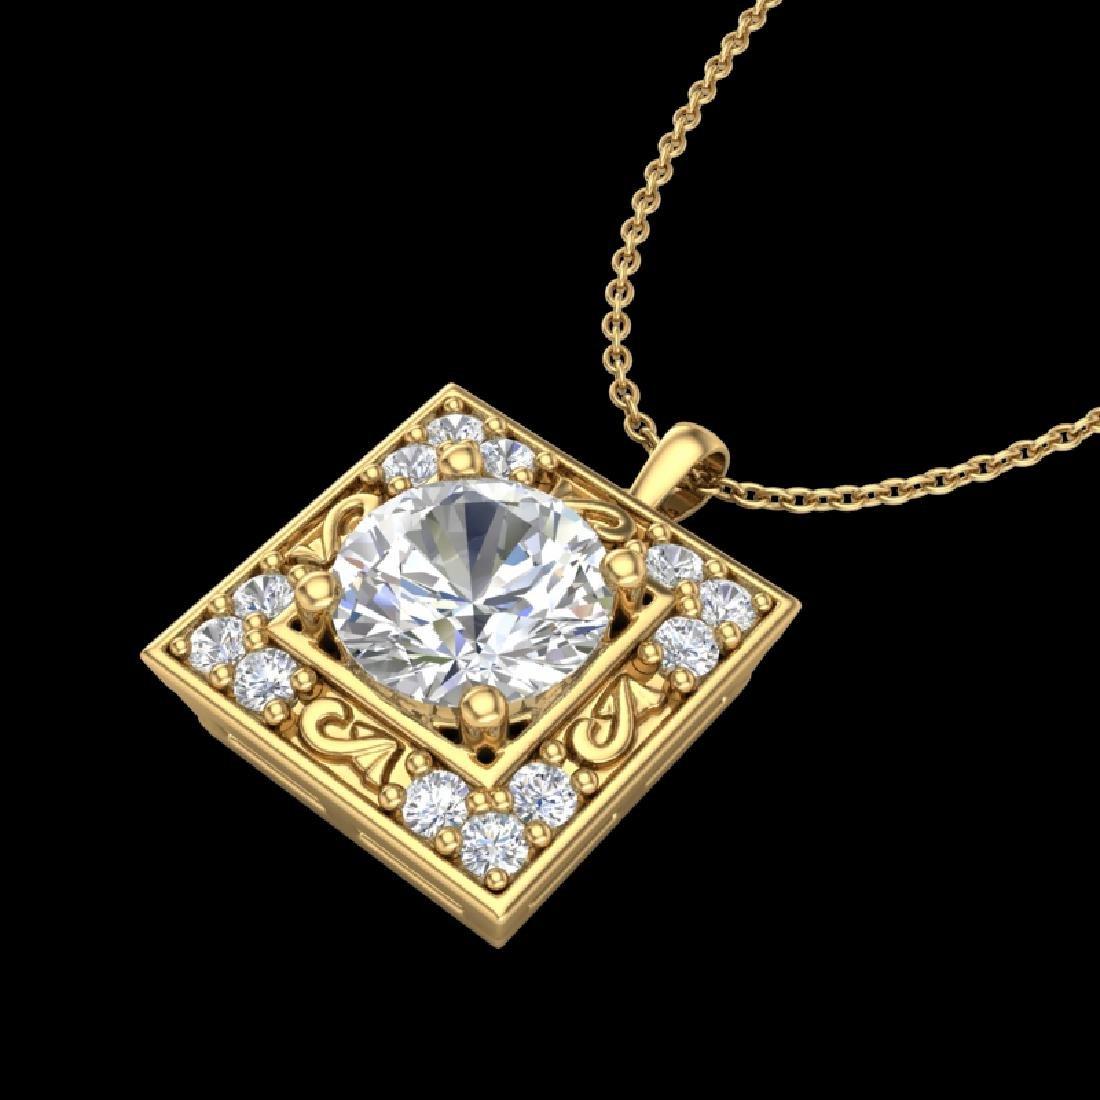 1.02 CTW VS/SI Diamond Solitaire Art Deco Necklace 18K